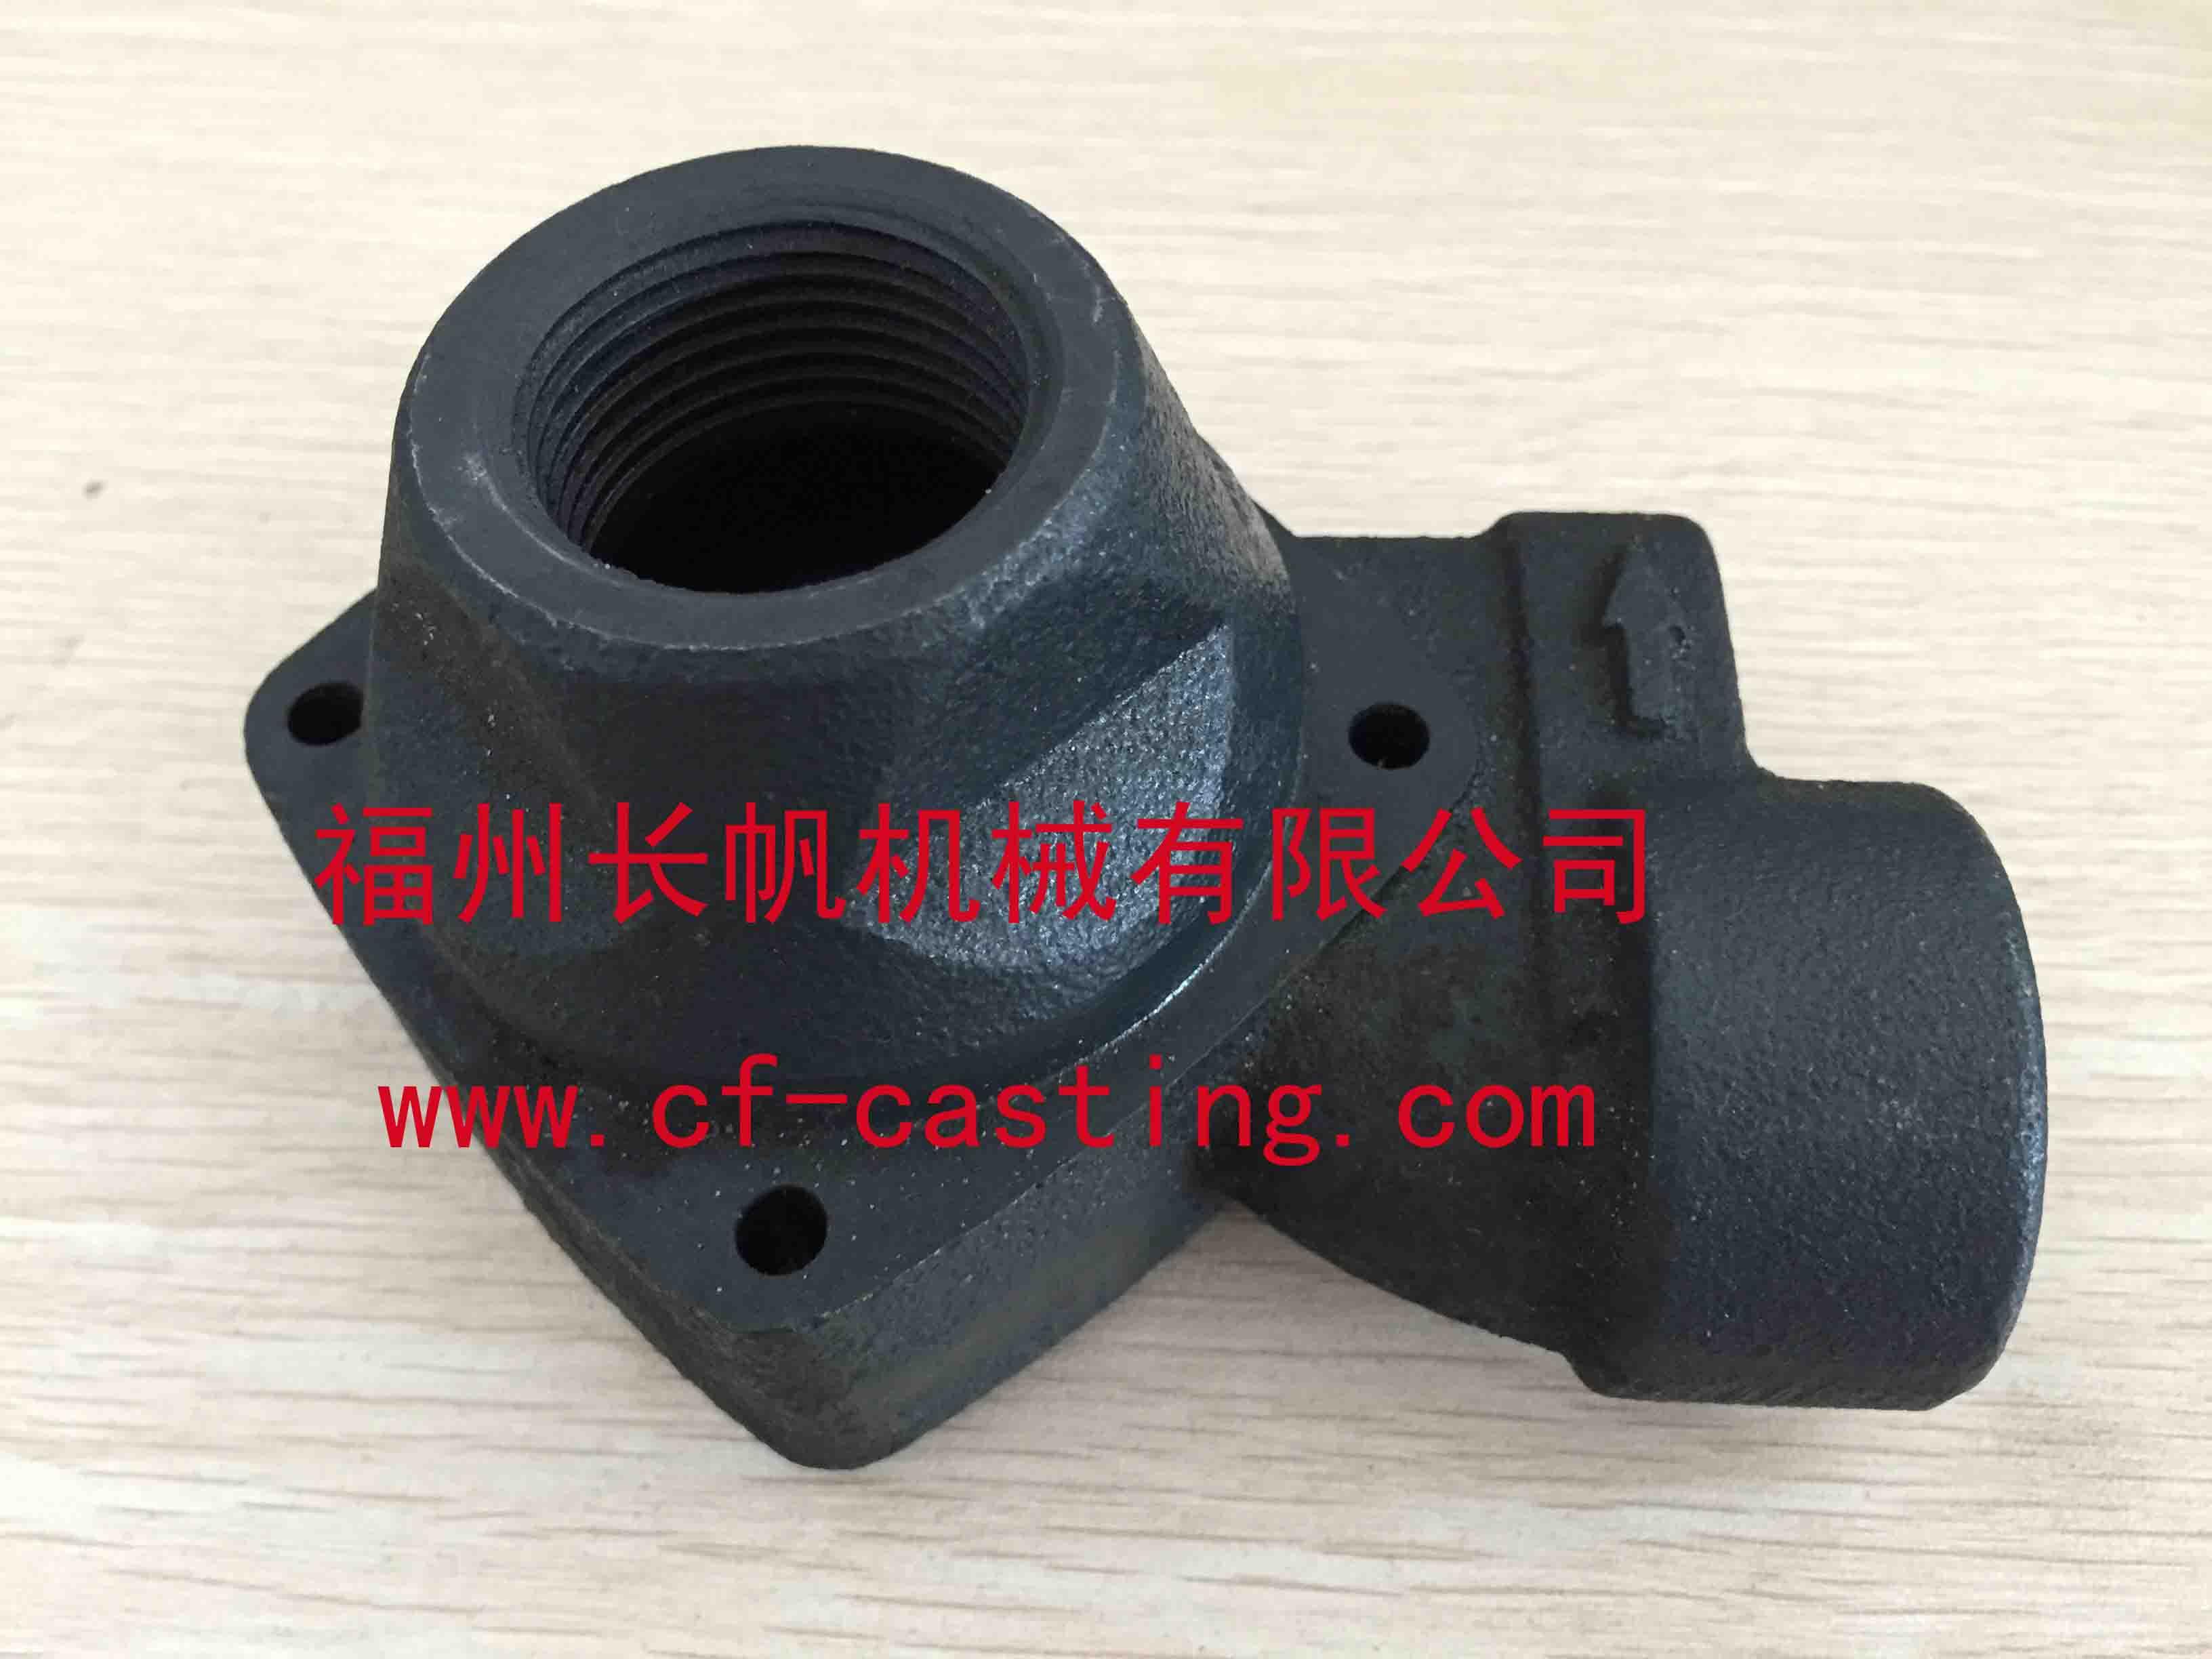 PM16泵体  CF 长帆 CF灰铁铸造 CF灰铁铸件 CF水泵铸造铸件